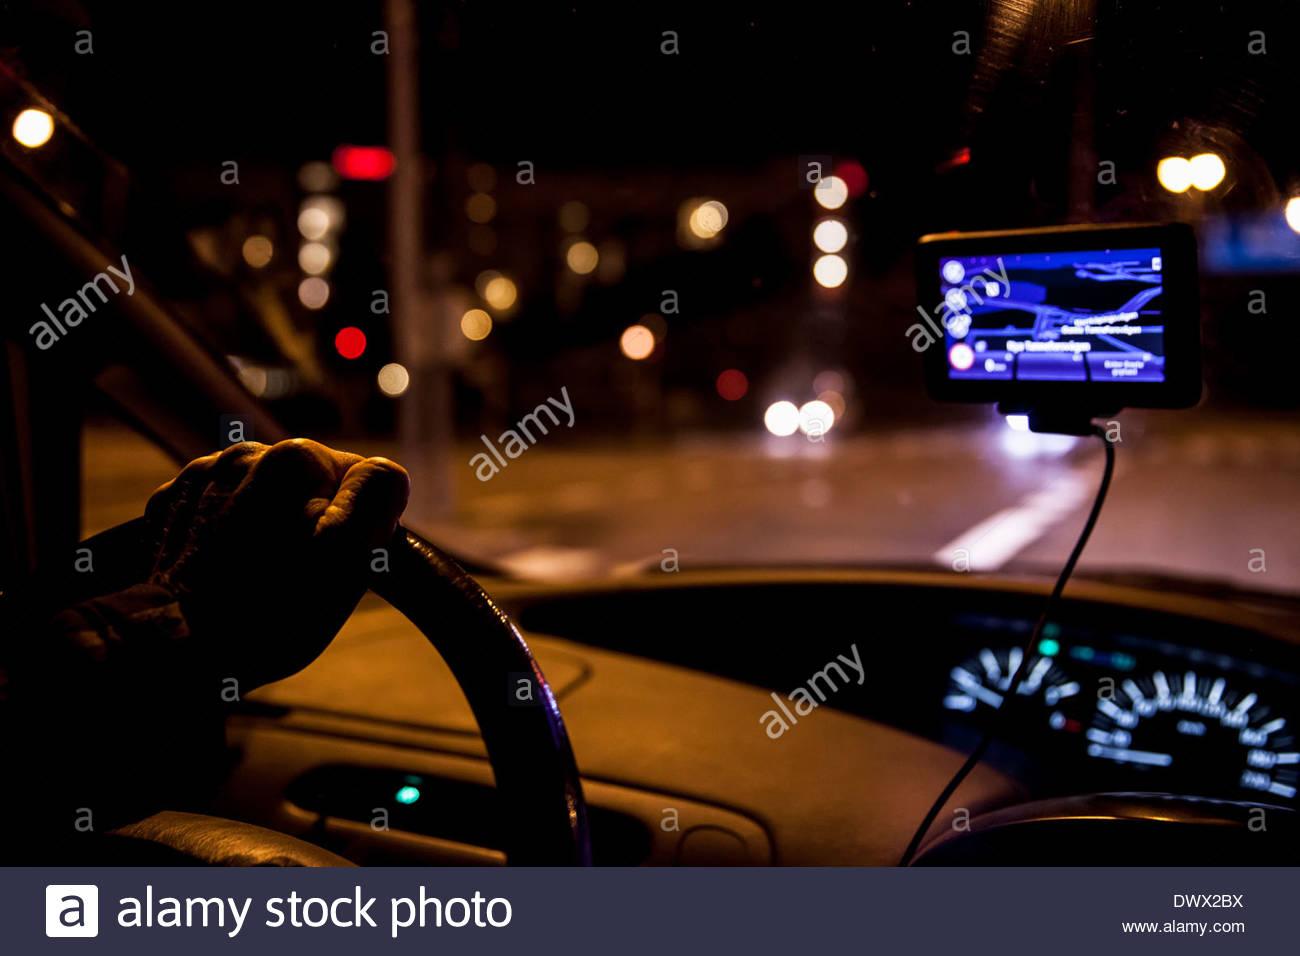 Beschnitten, Menschenbild, Nachtfahrten mit dem Auto Stockbild